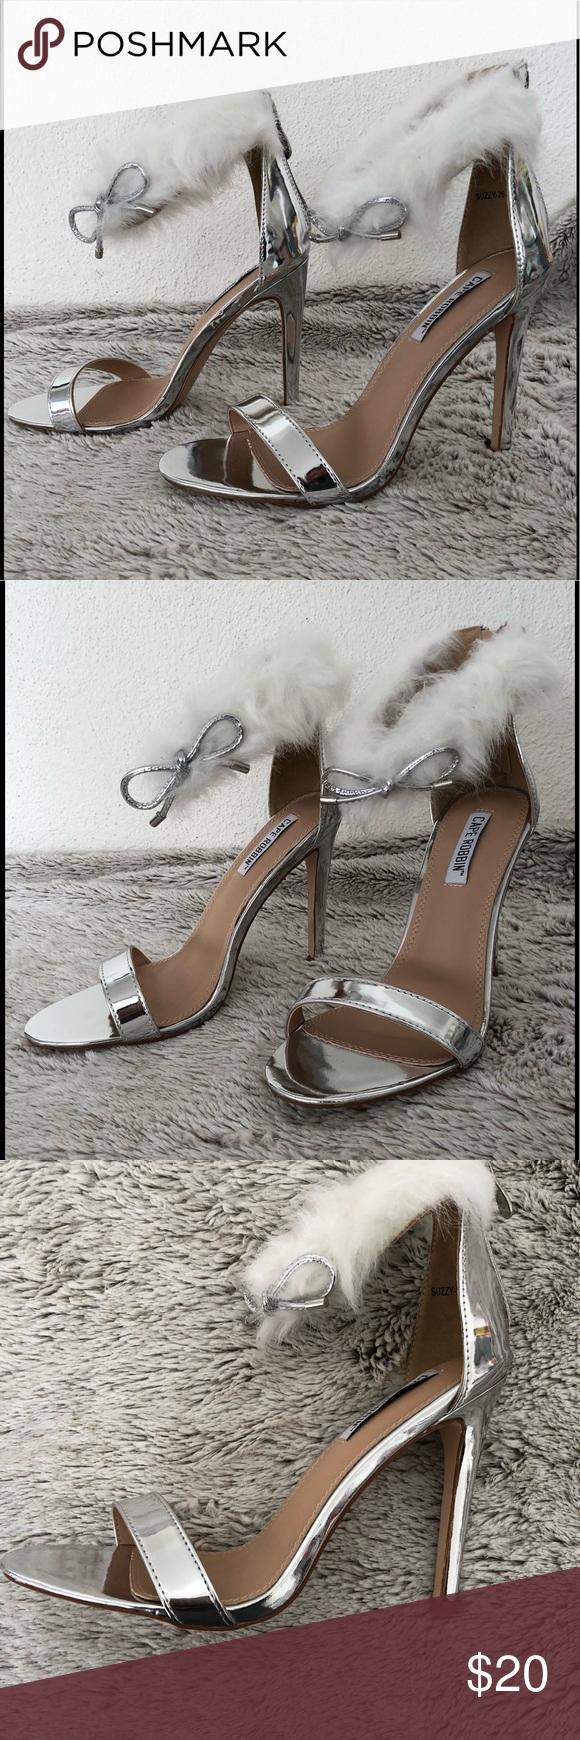 5270609268d Silver open toe furry ankle strap heels Furry ankle strap stiletto heels.  Heels approx. 4 1 4. Shoes Heels  AnklestrapsHeels